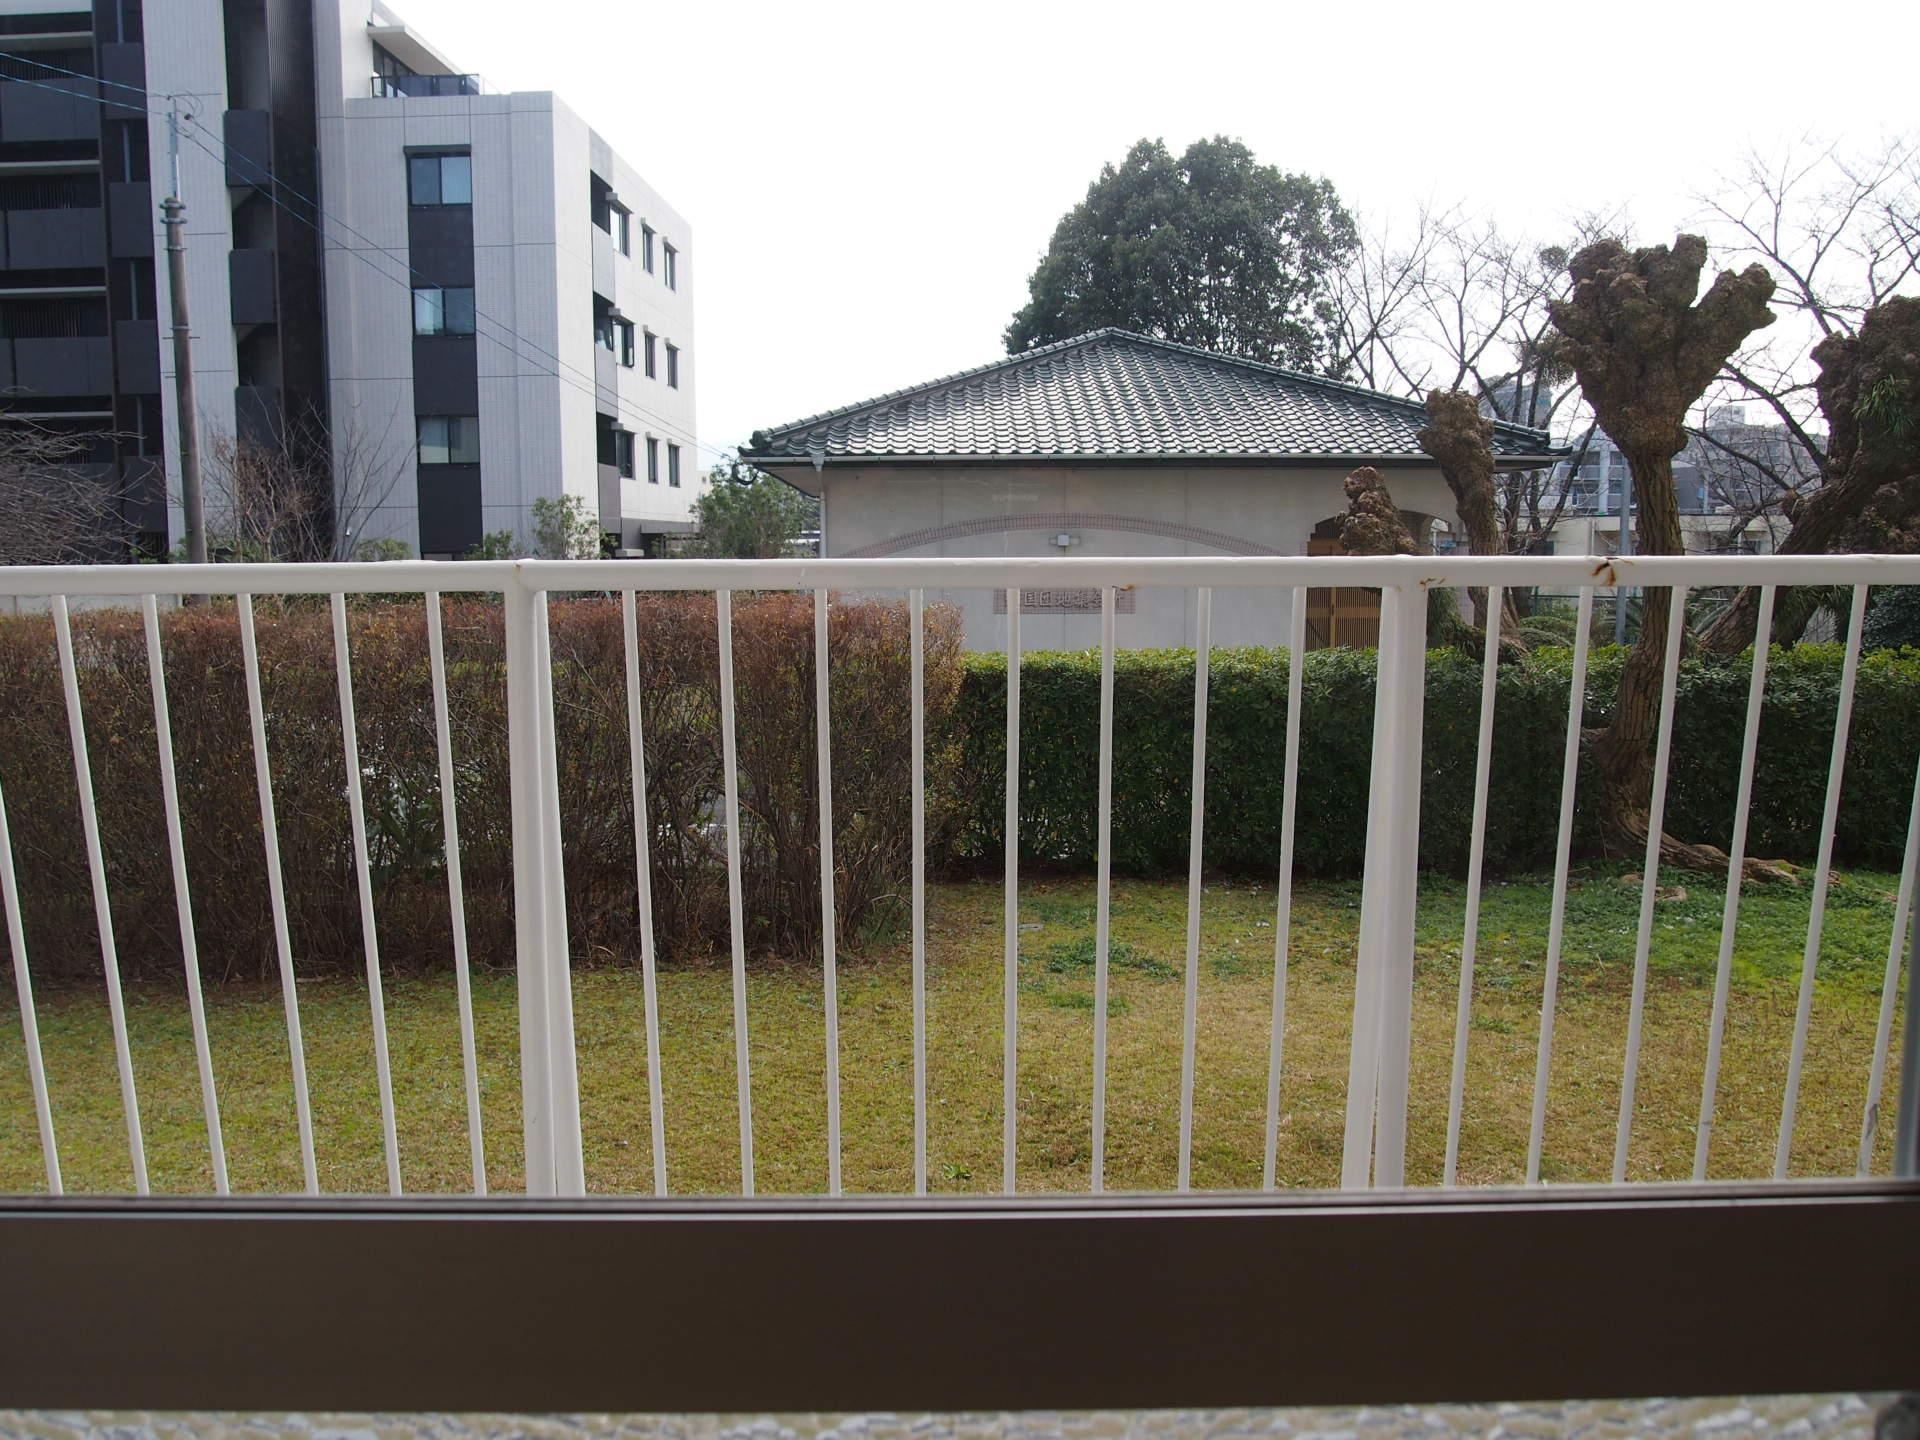 目線の高さでは敷地共用部の草むらが我が家の庭のようにも見えてきます。